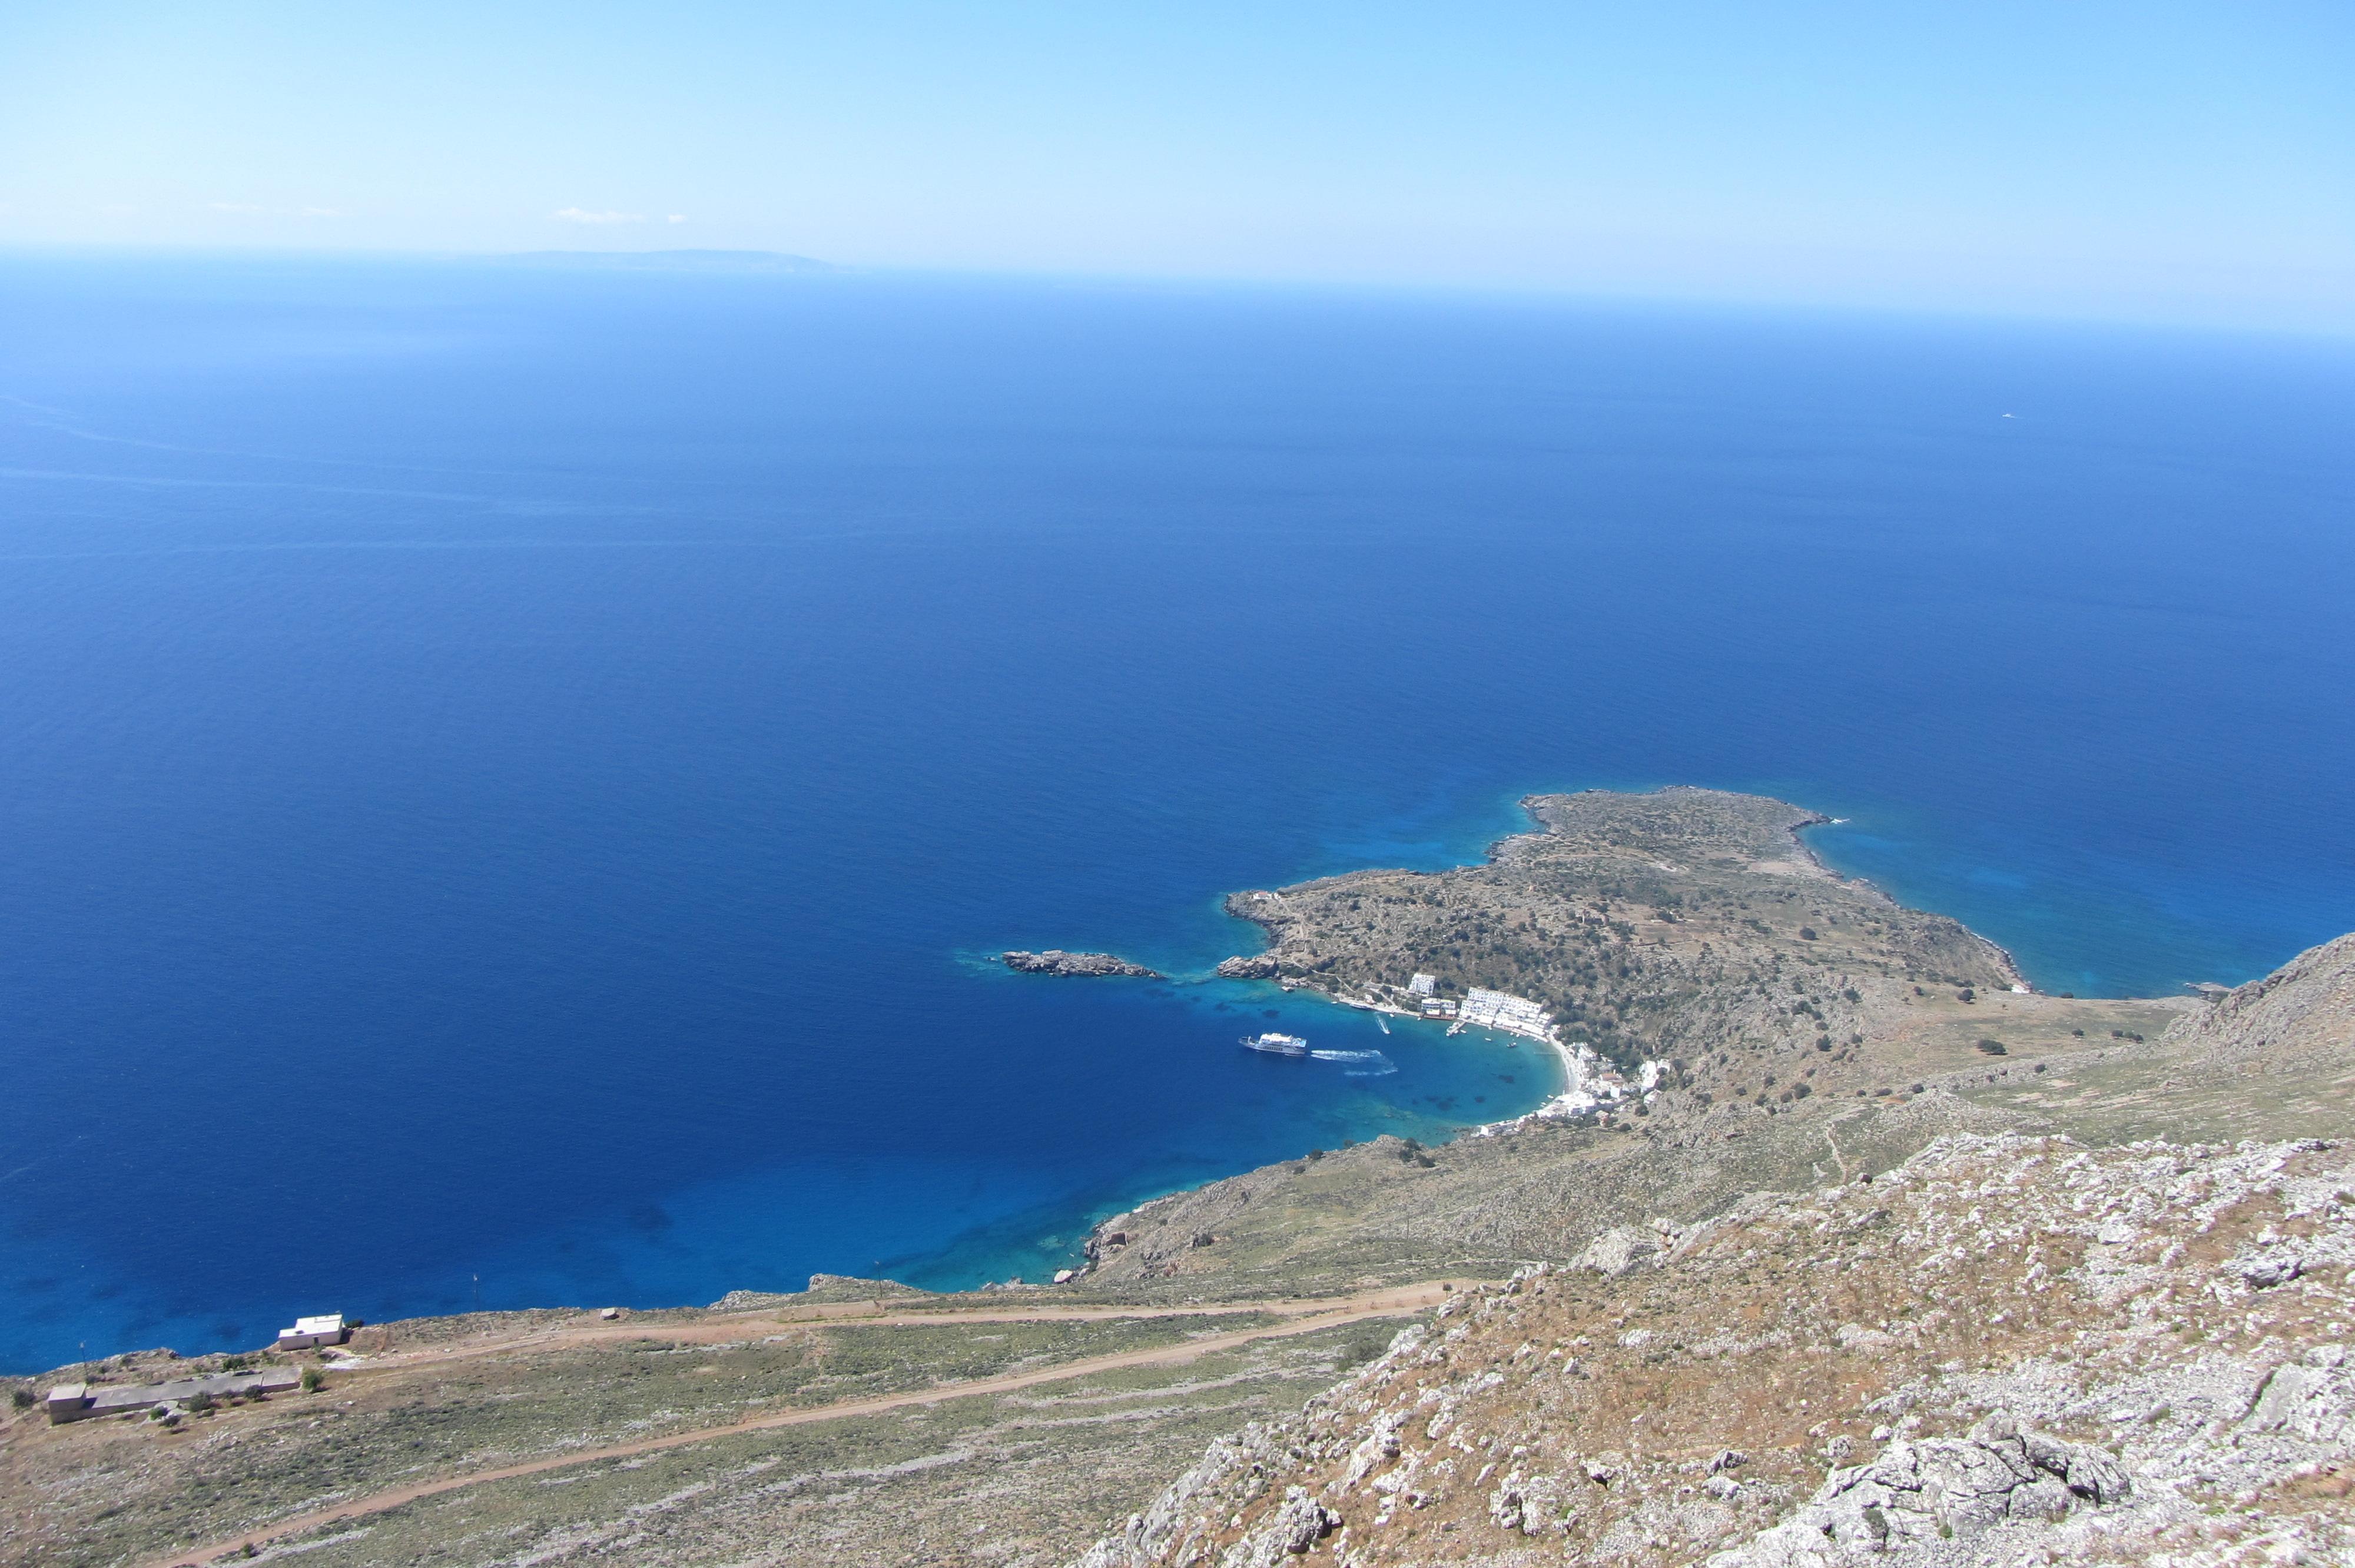 Vandring og sunn mat på Kreta med Jomfrureiser